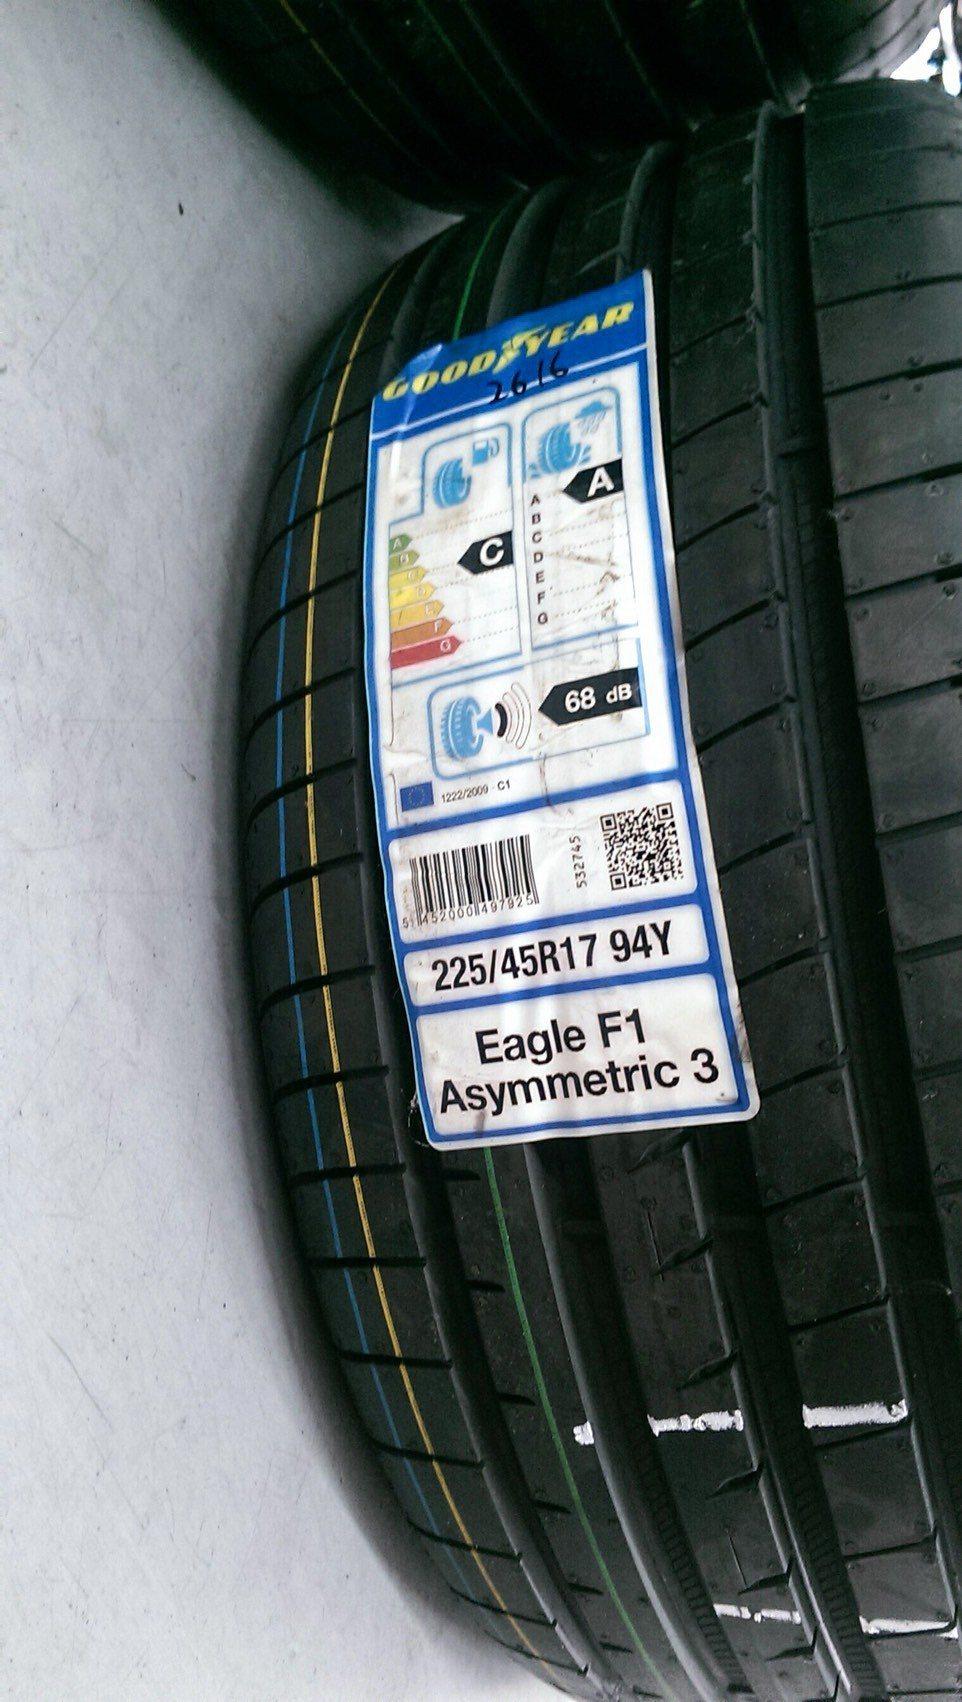 從歐盟輪胎標籤來看,F1A3 的油耗經濟性為C、濕抓等級為A、胎噪為 68dB,同時這條胎的製造年份為16年底,與另篇的PS4測試年份相近。 記者林鼎智/攝影